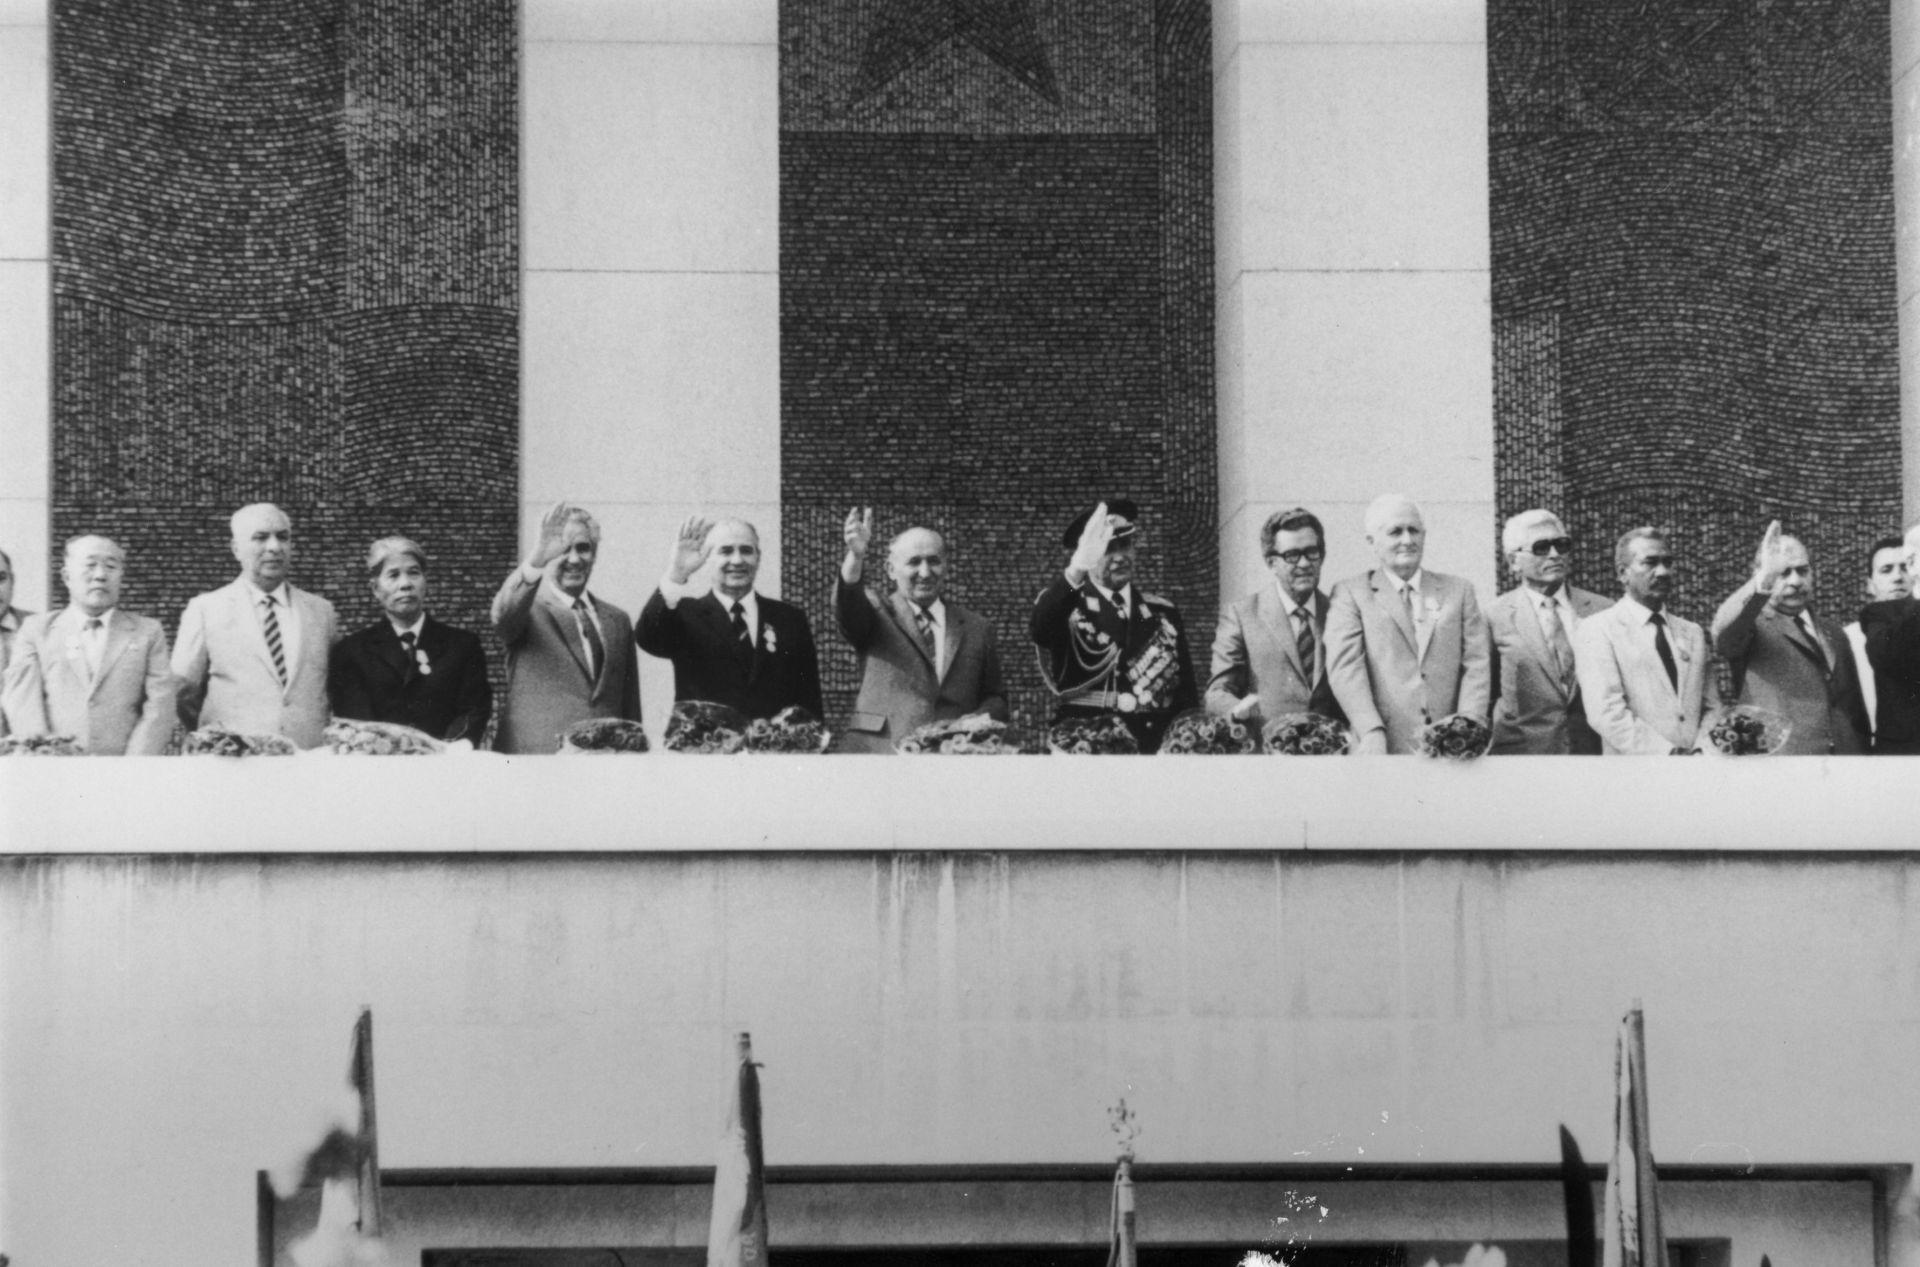 С Тодор Живков, Добри Джуров и други партийни функционери по време са комунистическото управление у нас